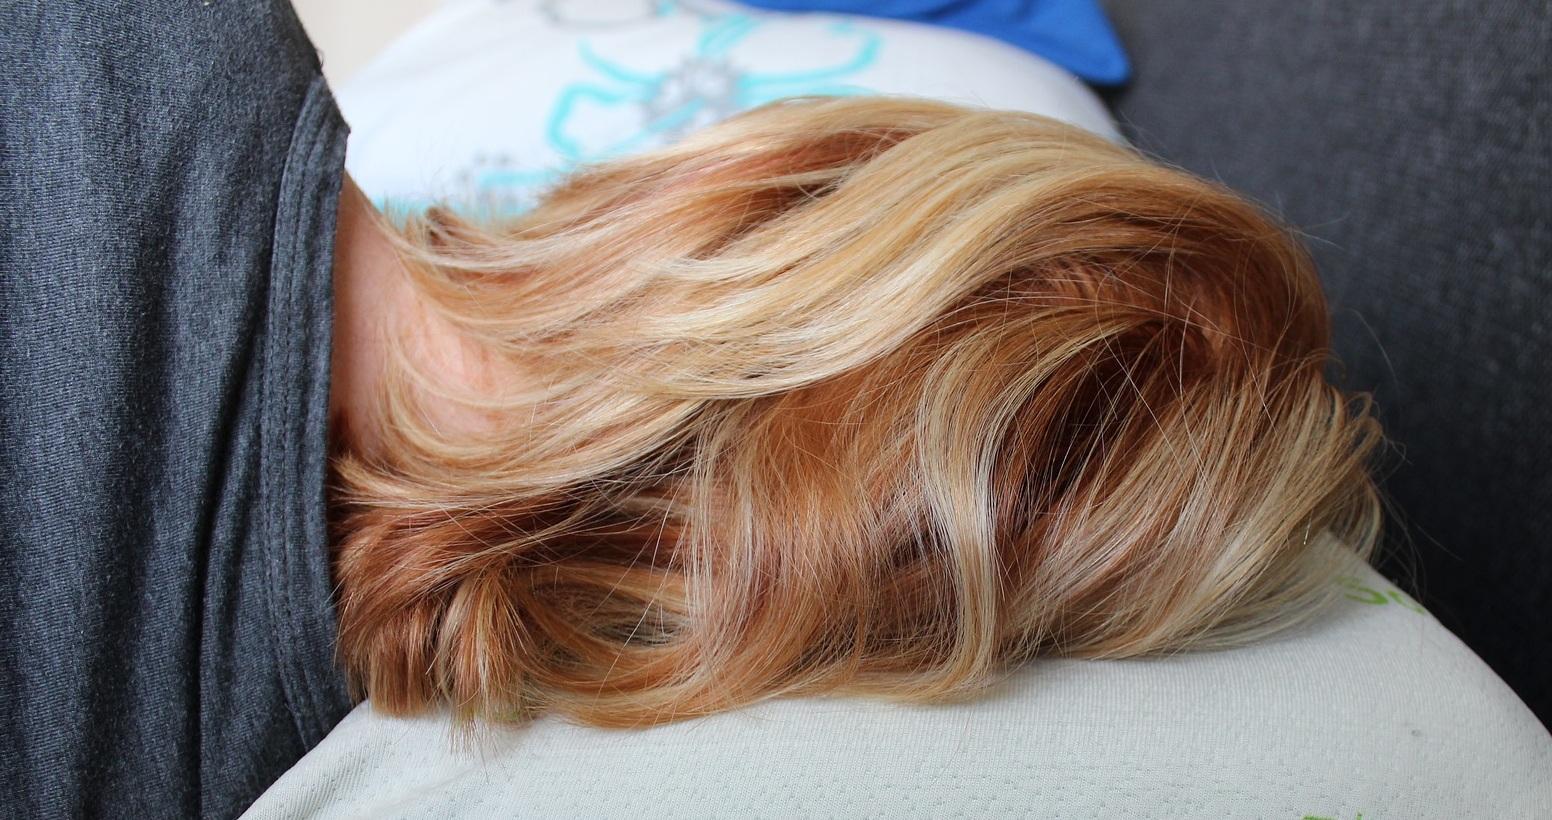 hair-3649102_1920.jpg